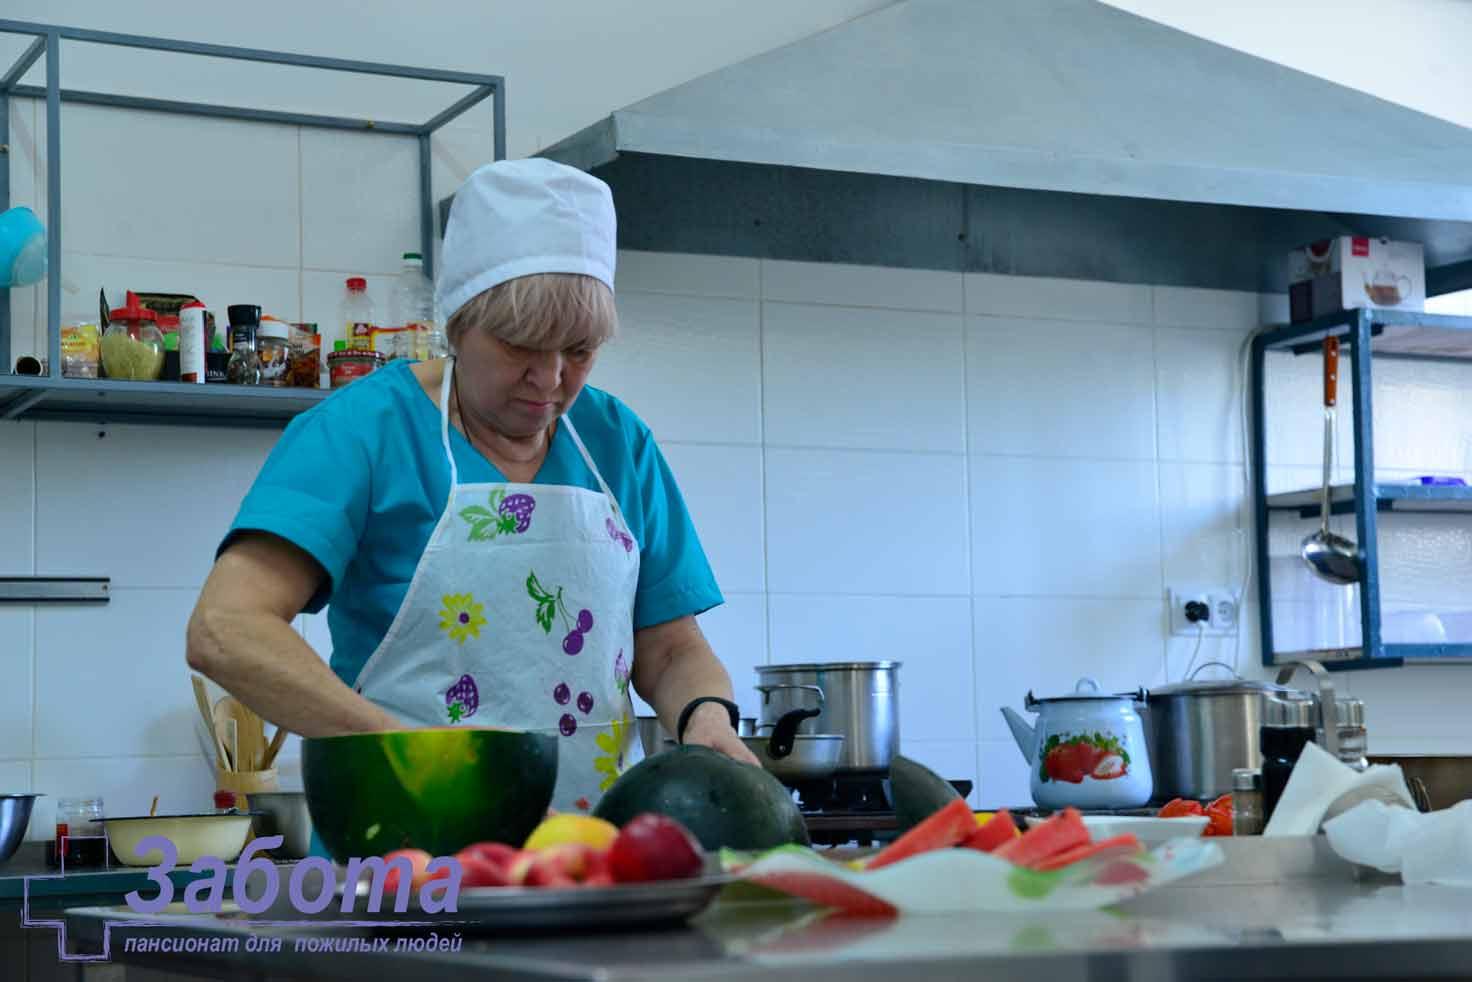 gătit la bătrâni